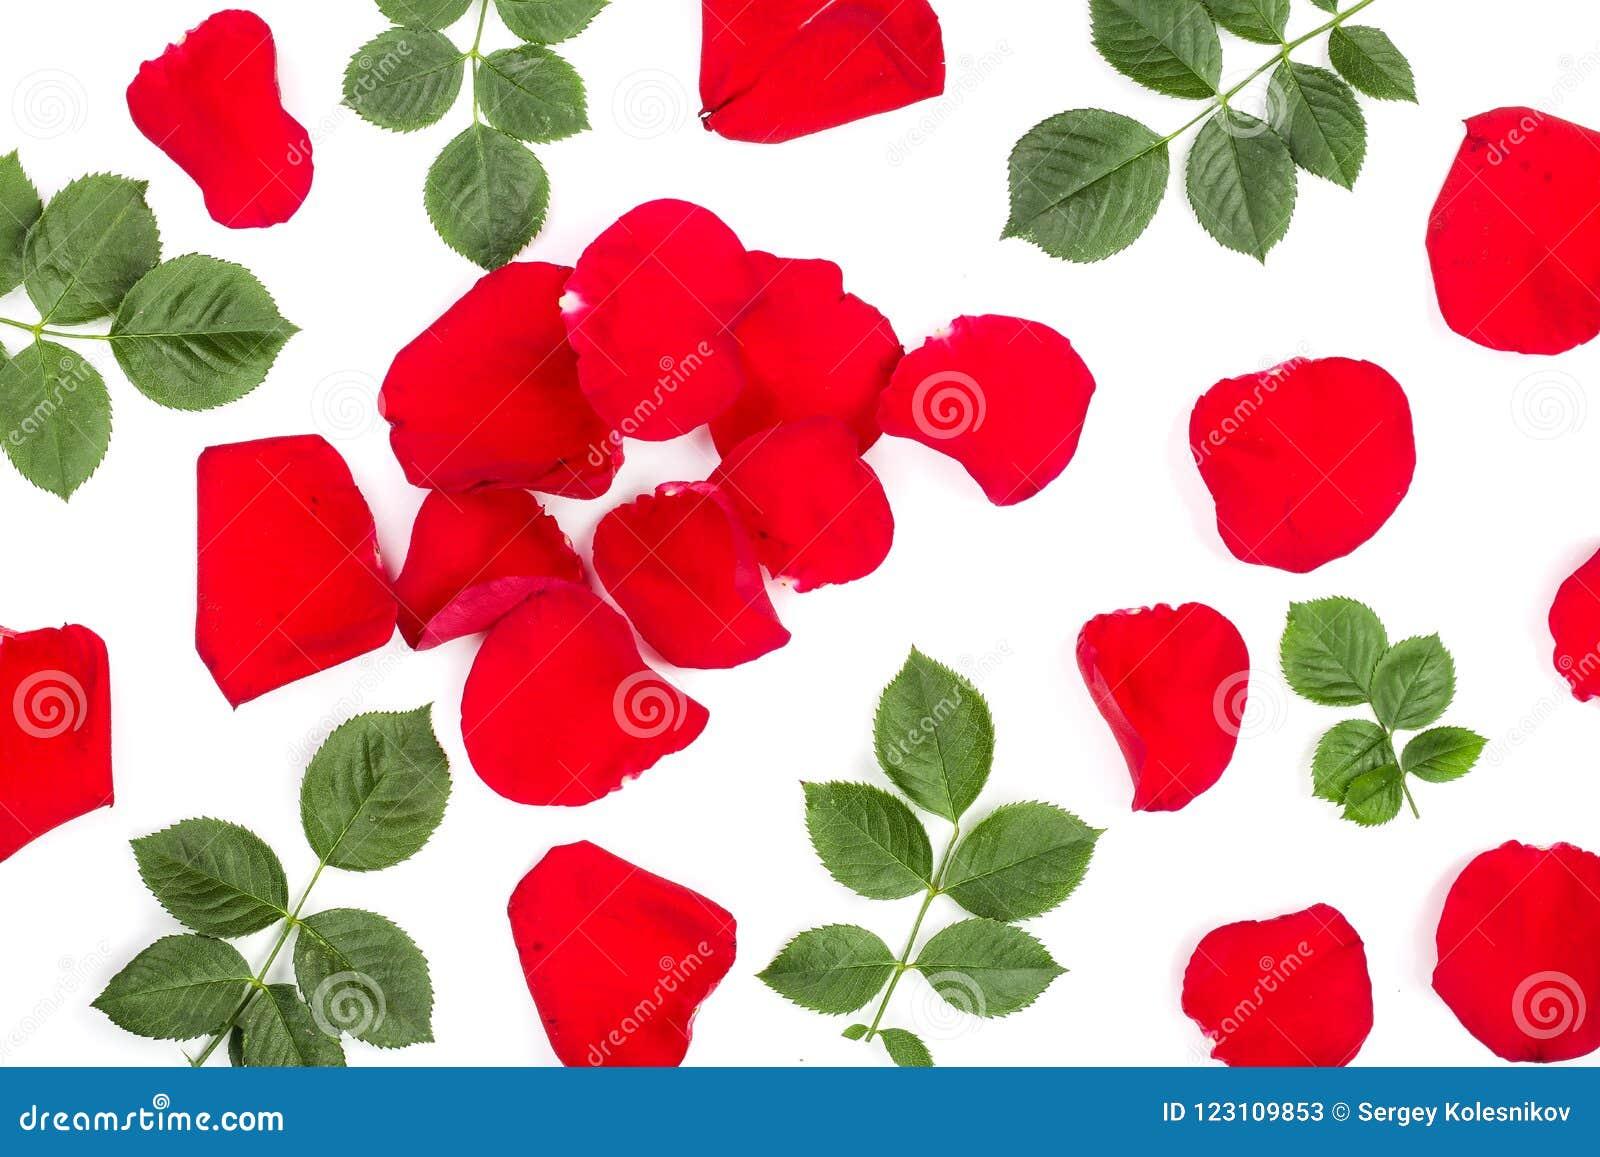 Petali Di Bella Rosa Rossa Con Le Foglie Isolate Su Fondo Bianco